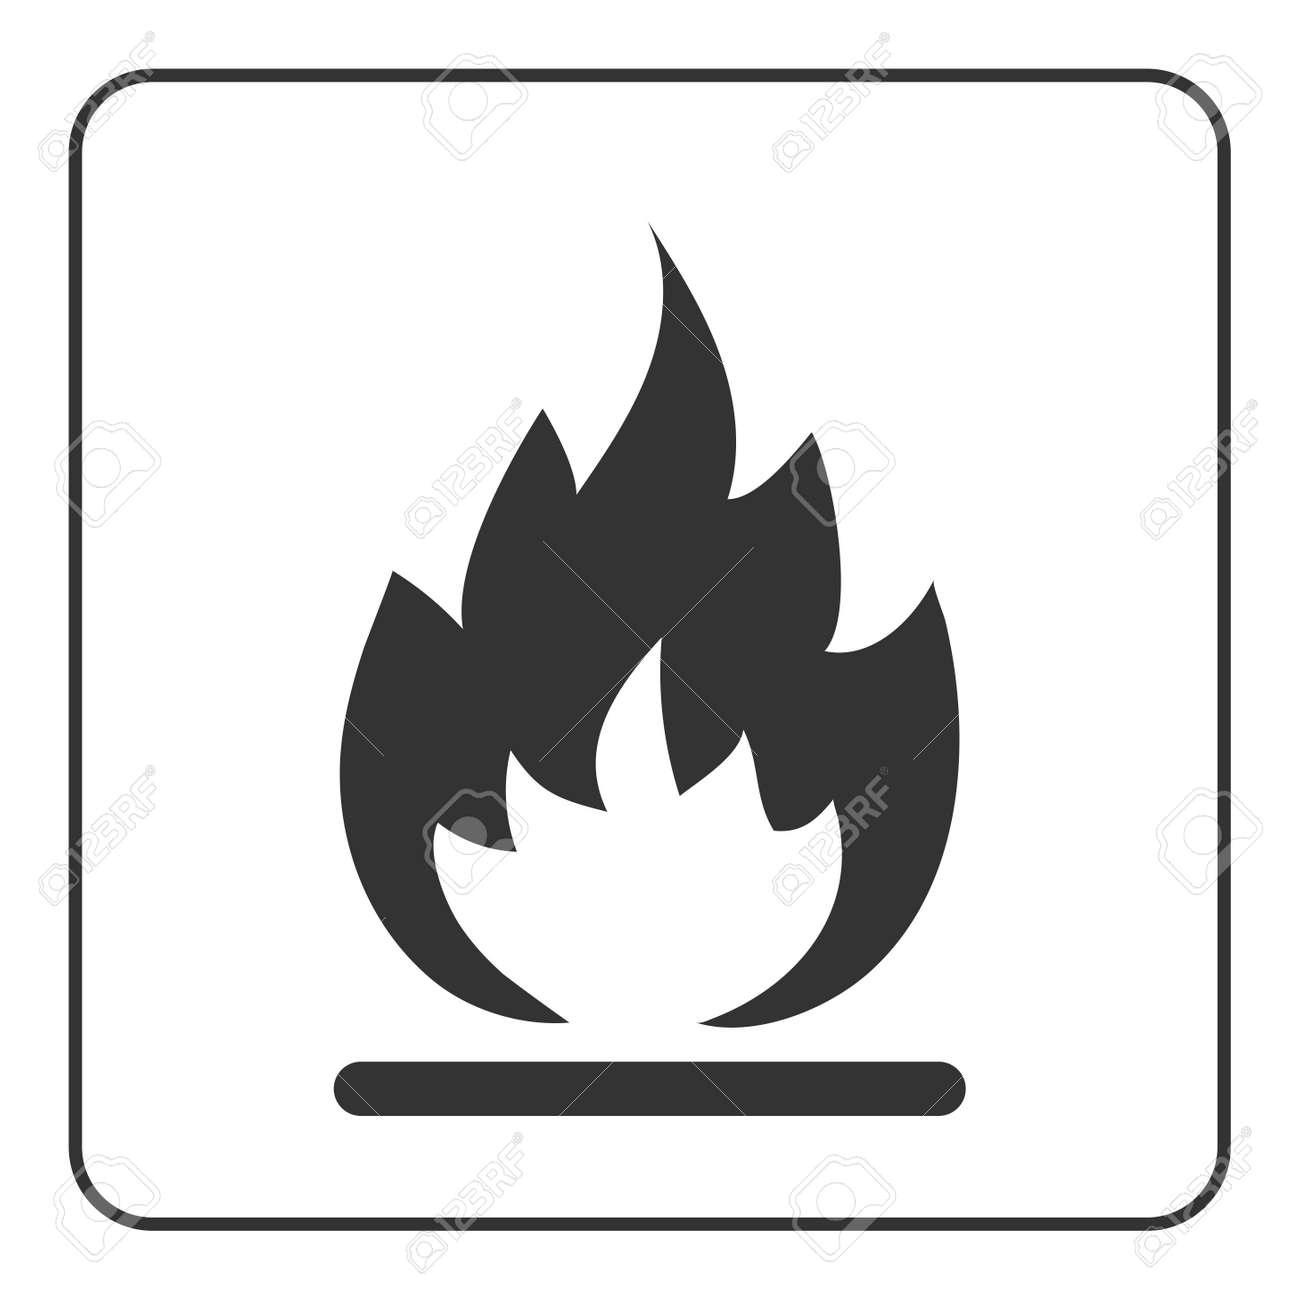 Icône De Feu Signe De La Flamme Chaude Noir Abstrait Silhouette